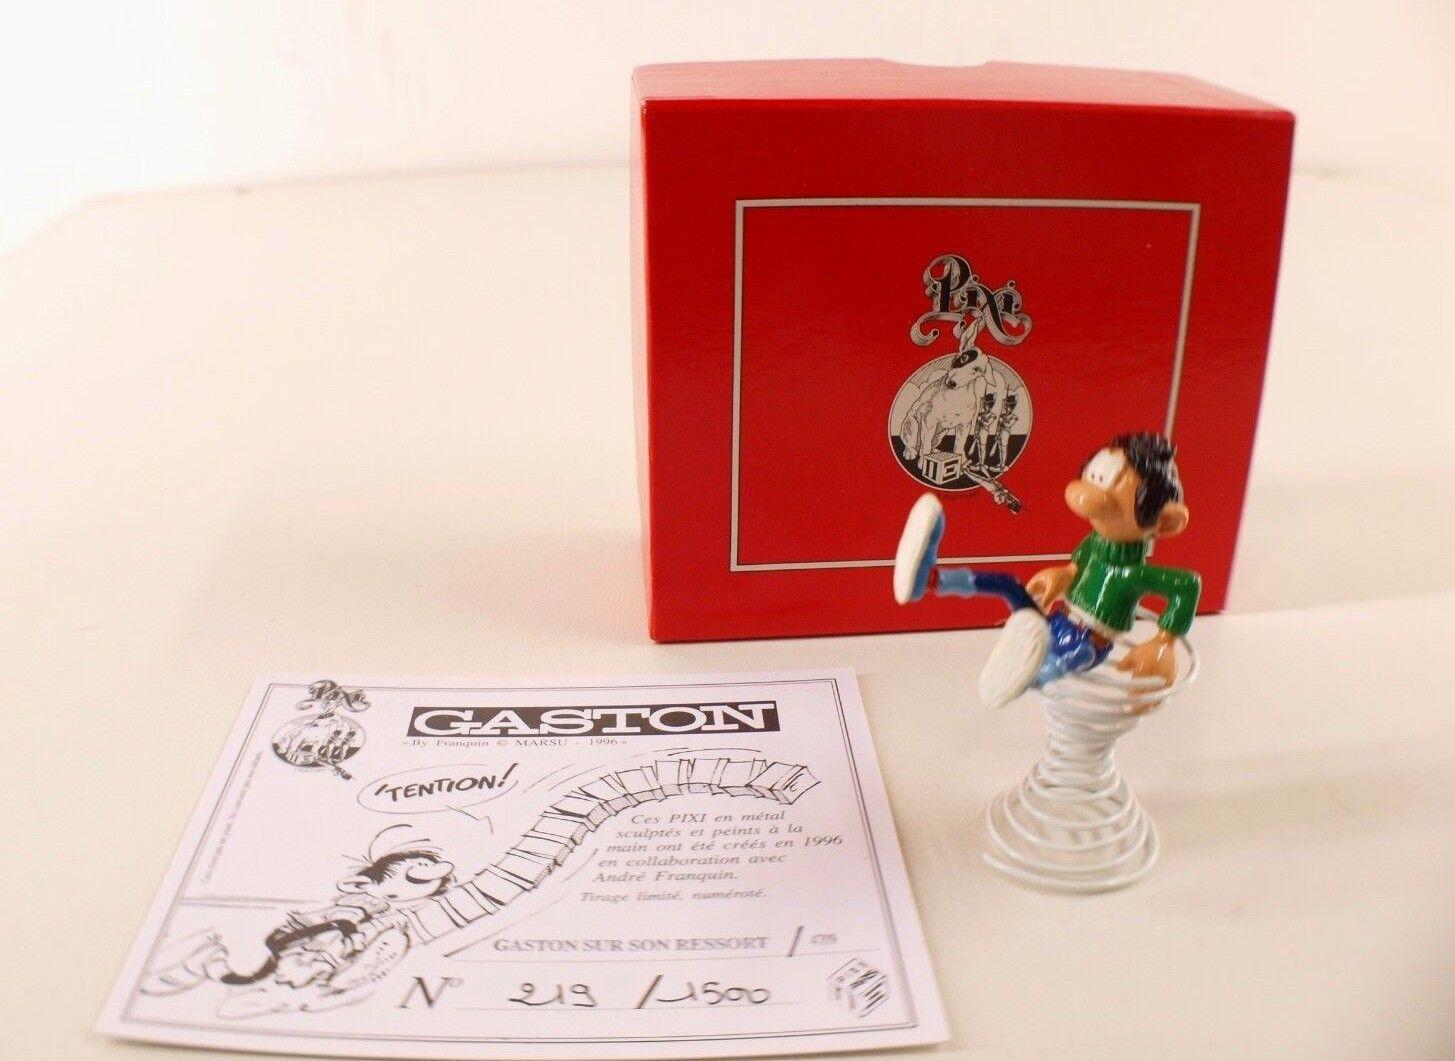 Pixi n°4709 Gaston sur son ressort numérougeé n°219 1500 neuf en boite